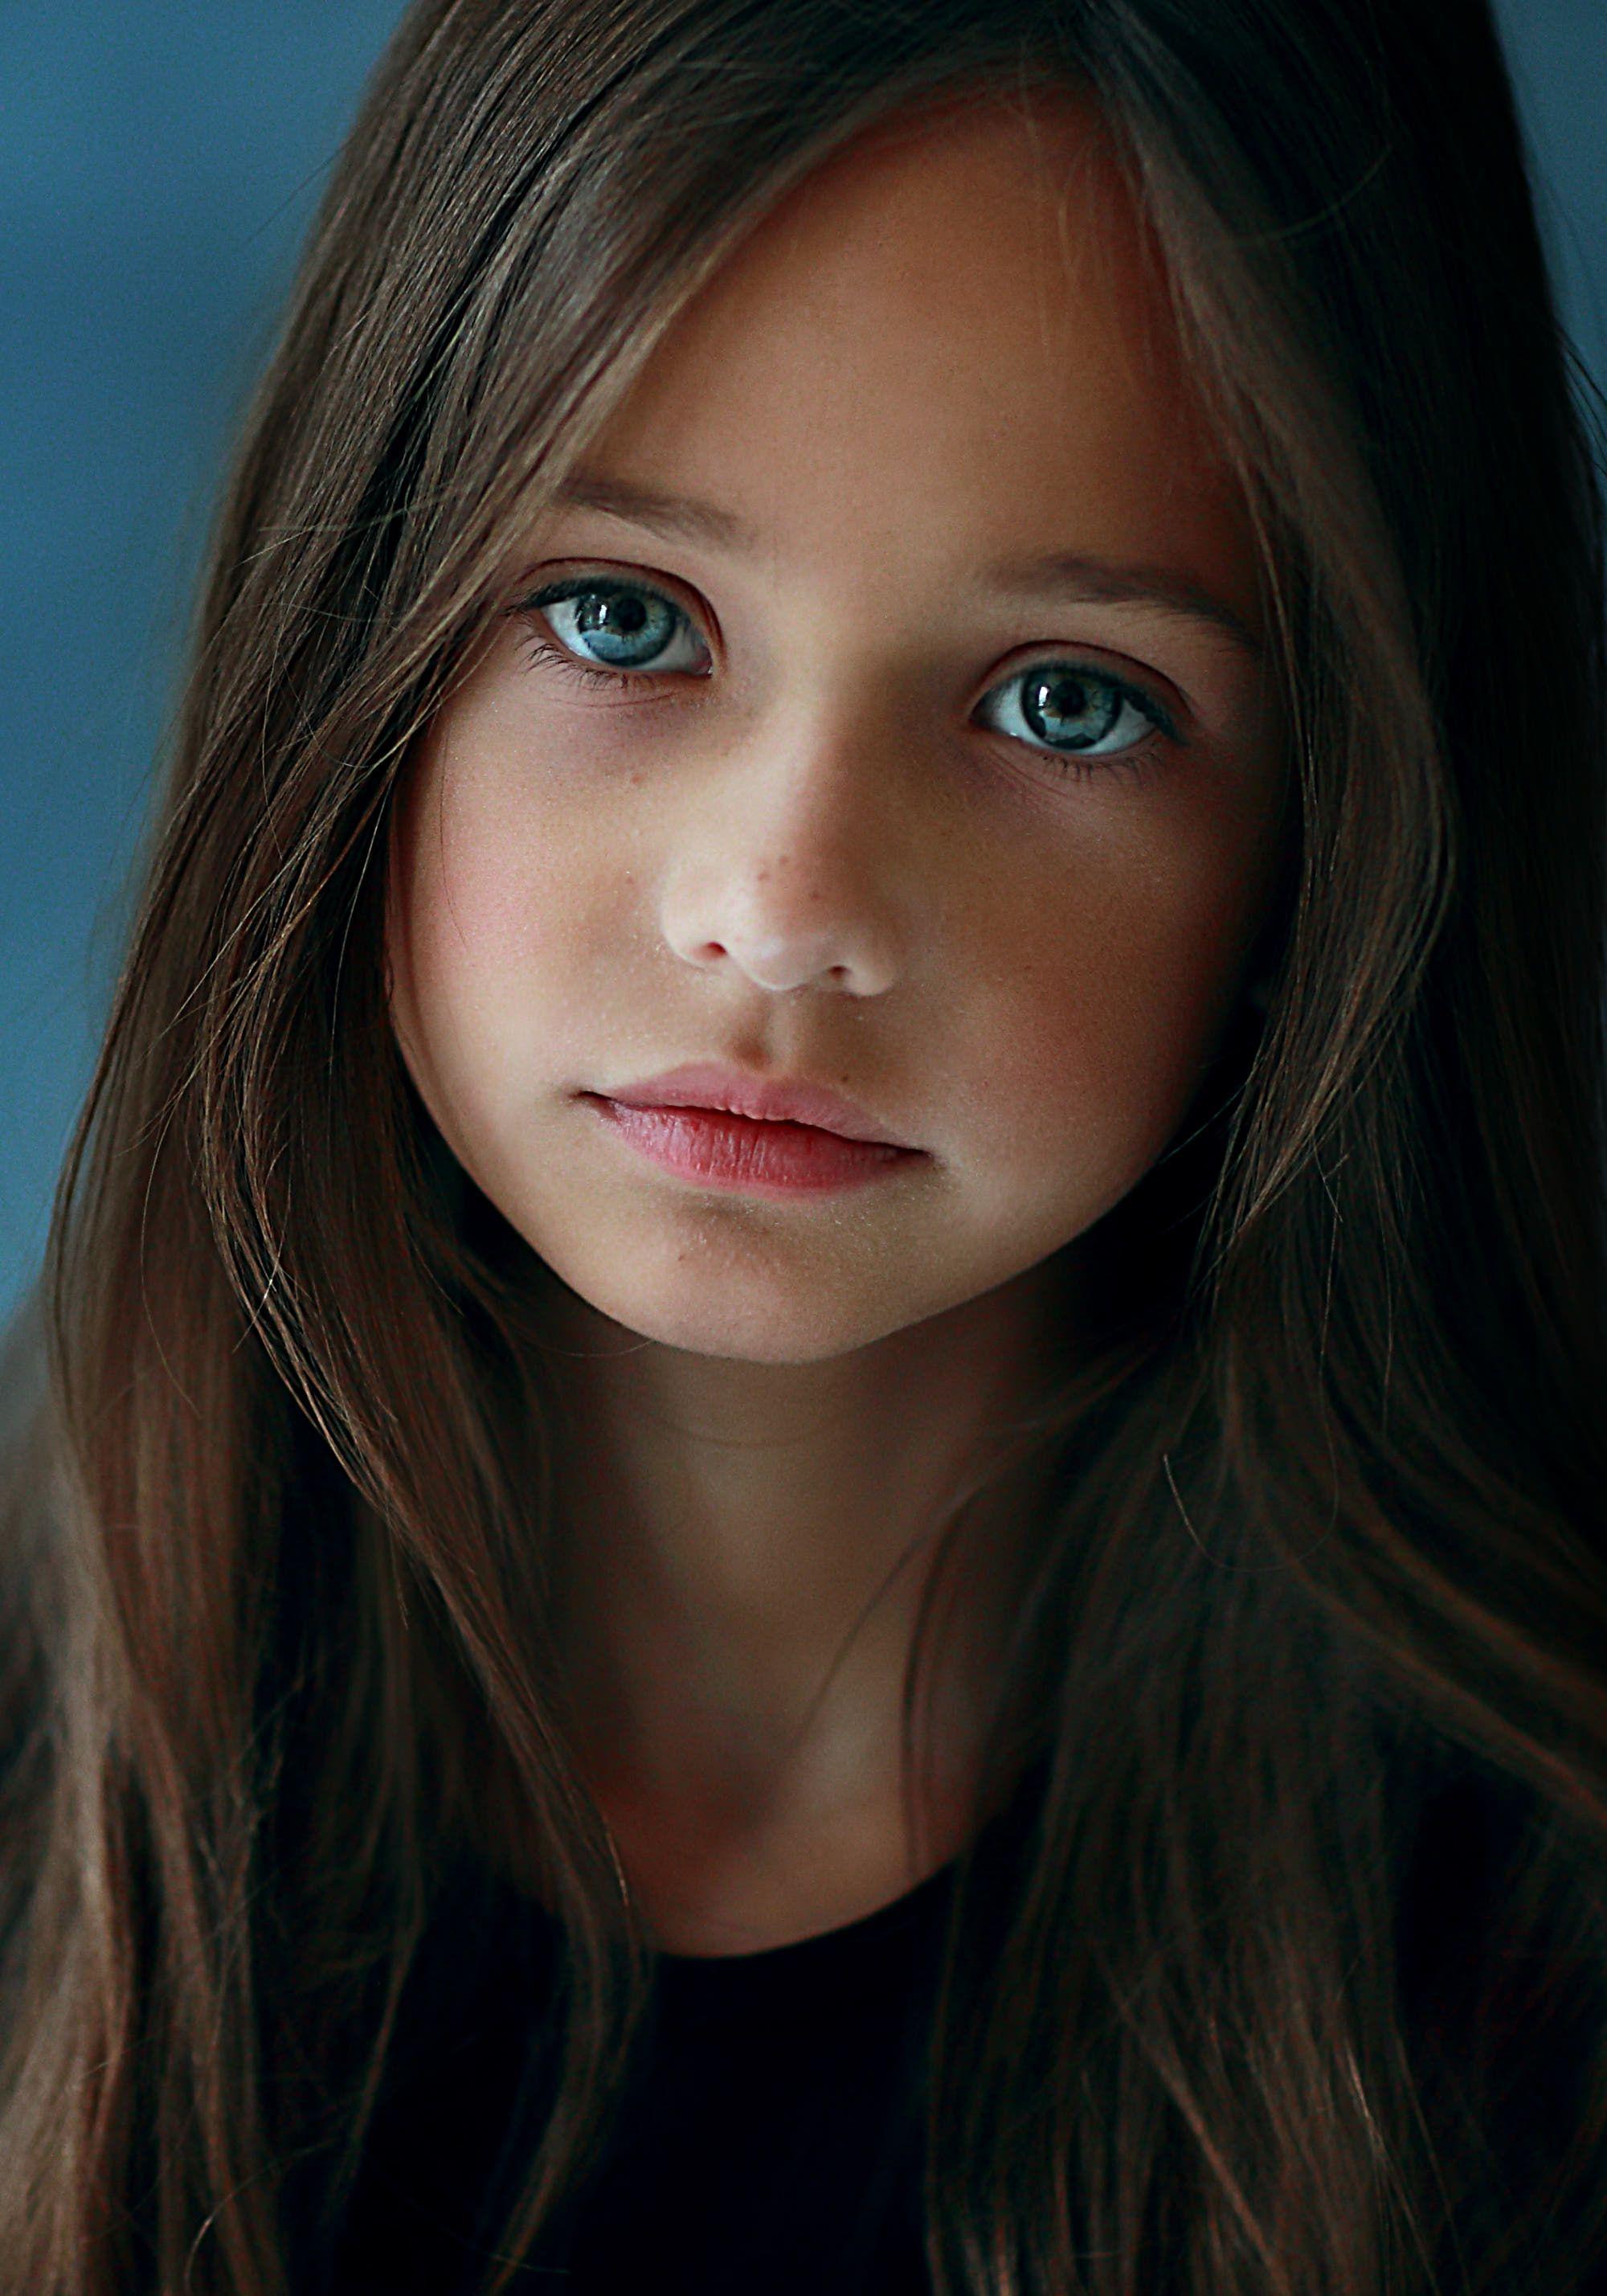 Pin on детские портреты